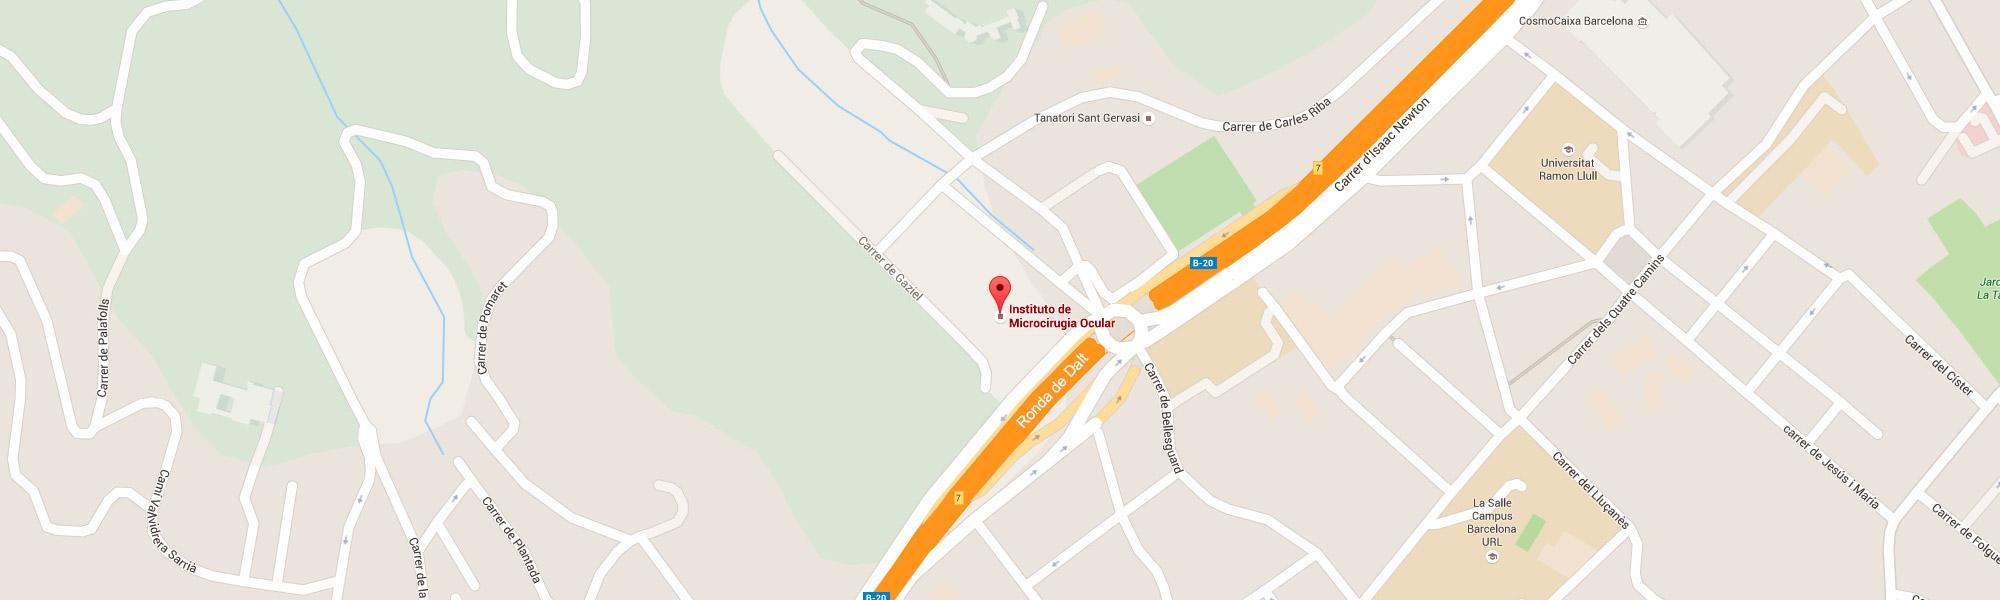 mapa localización Auditorio IMO